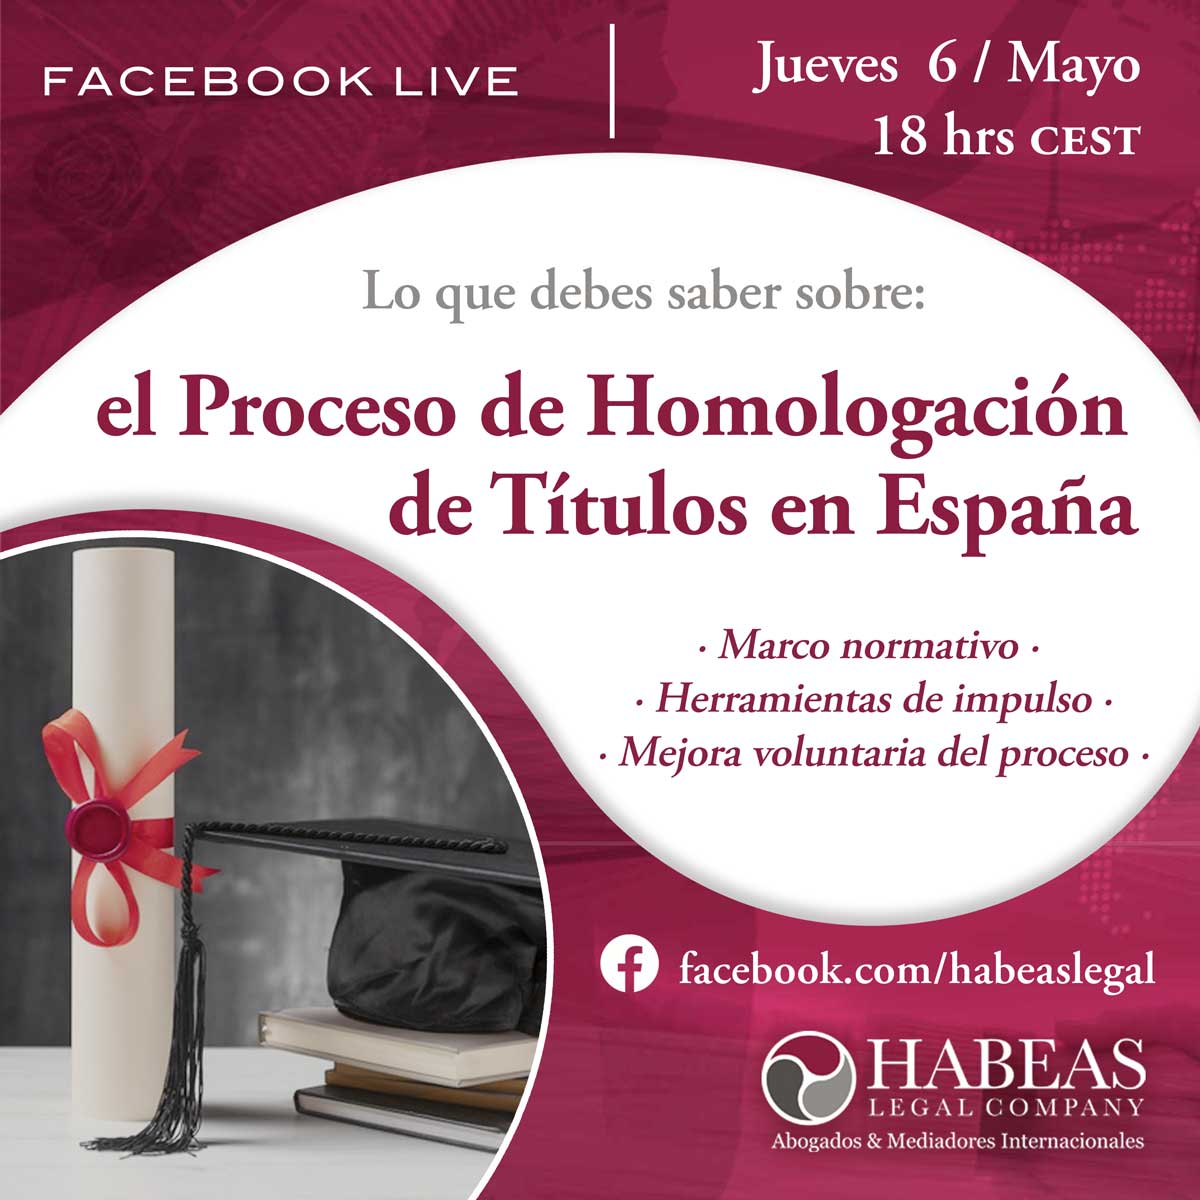 Proceso de Homologación de Títulos en España Facebook Live Habeas Legal